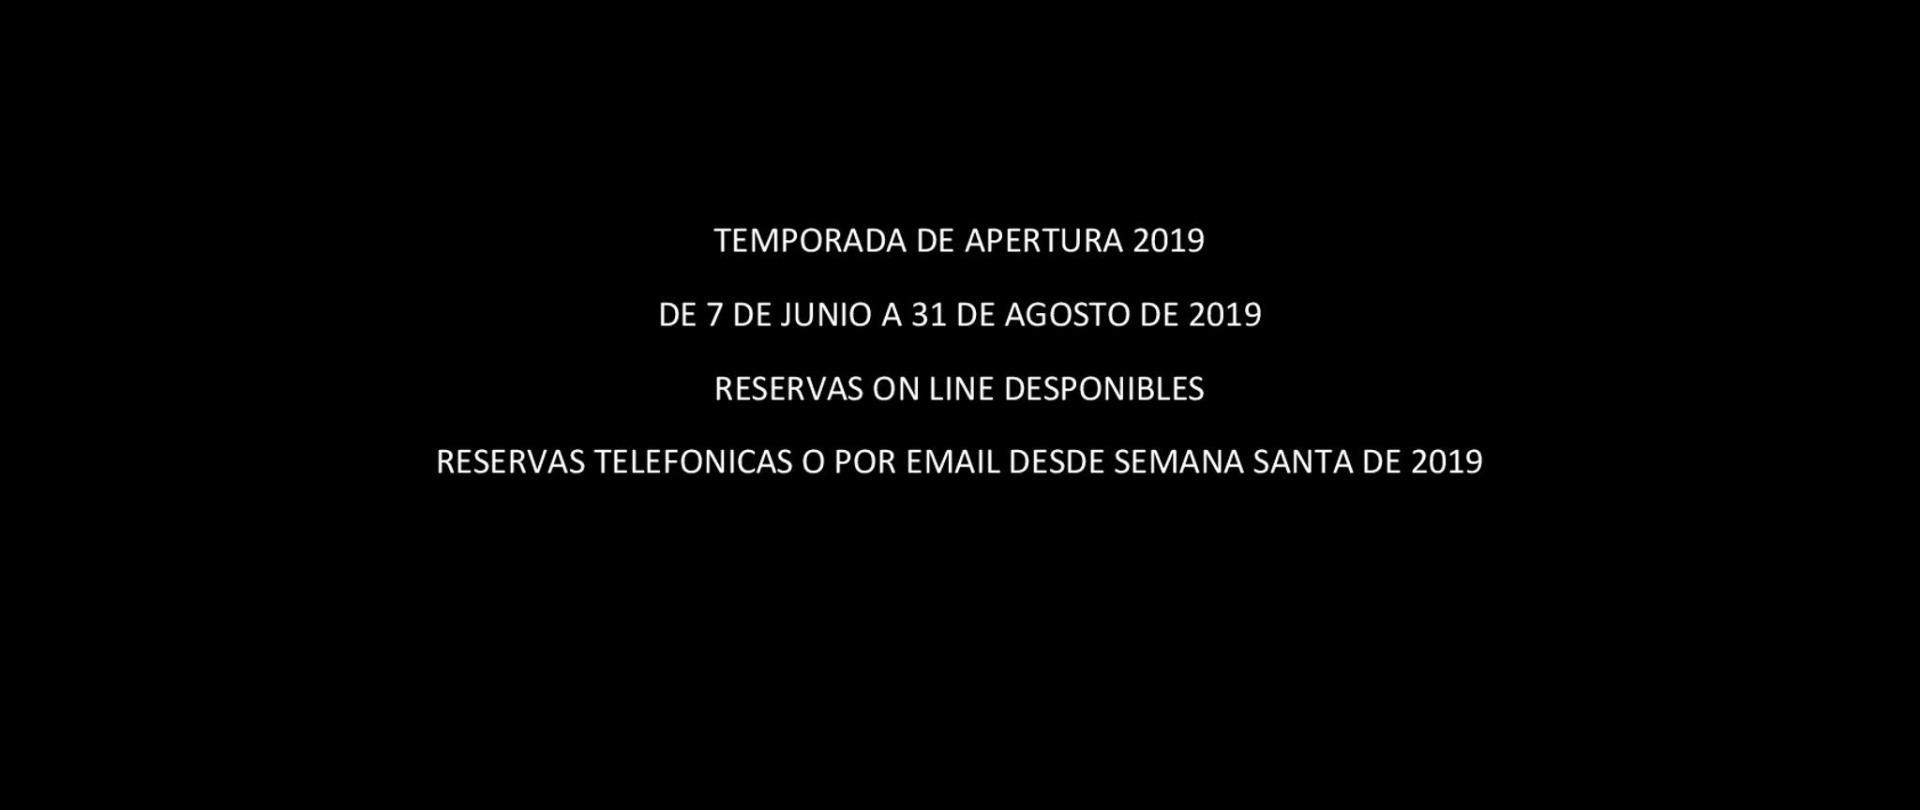 TEMPORADA DE APERTURA 2019.jpg